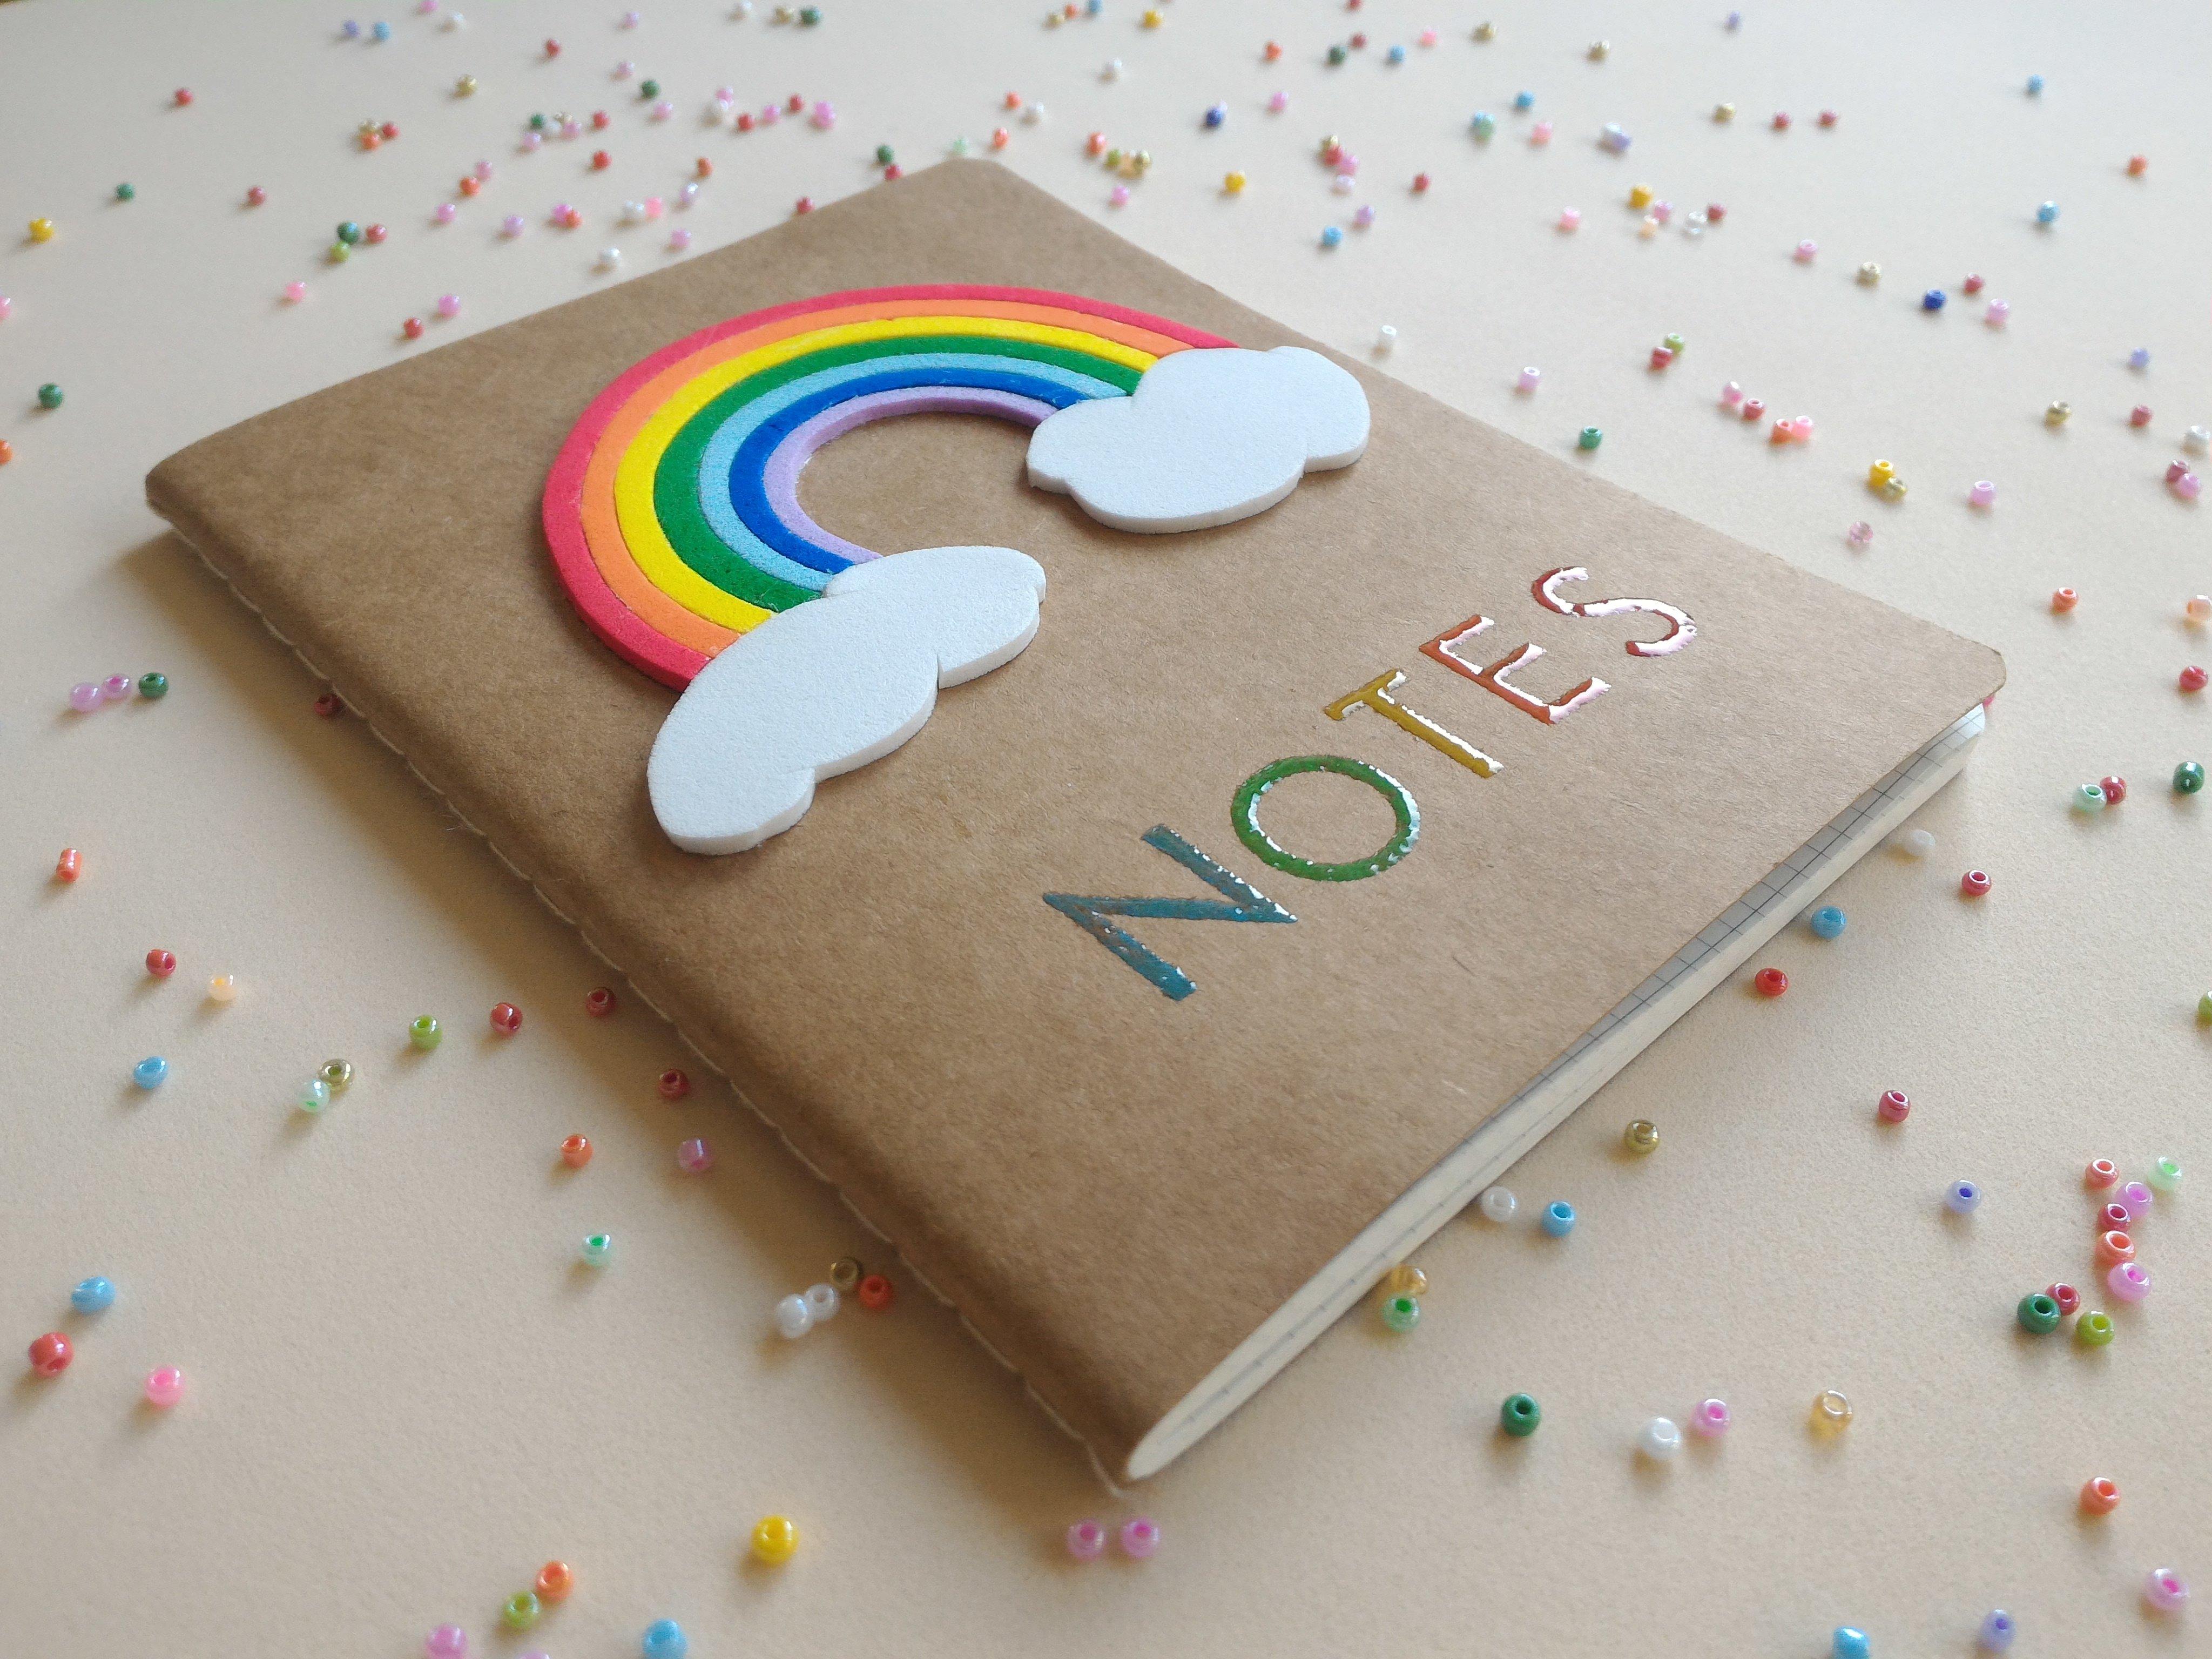 1 oam ouiareclafc rainbow chagaz et vous